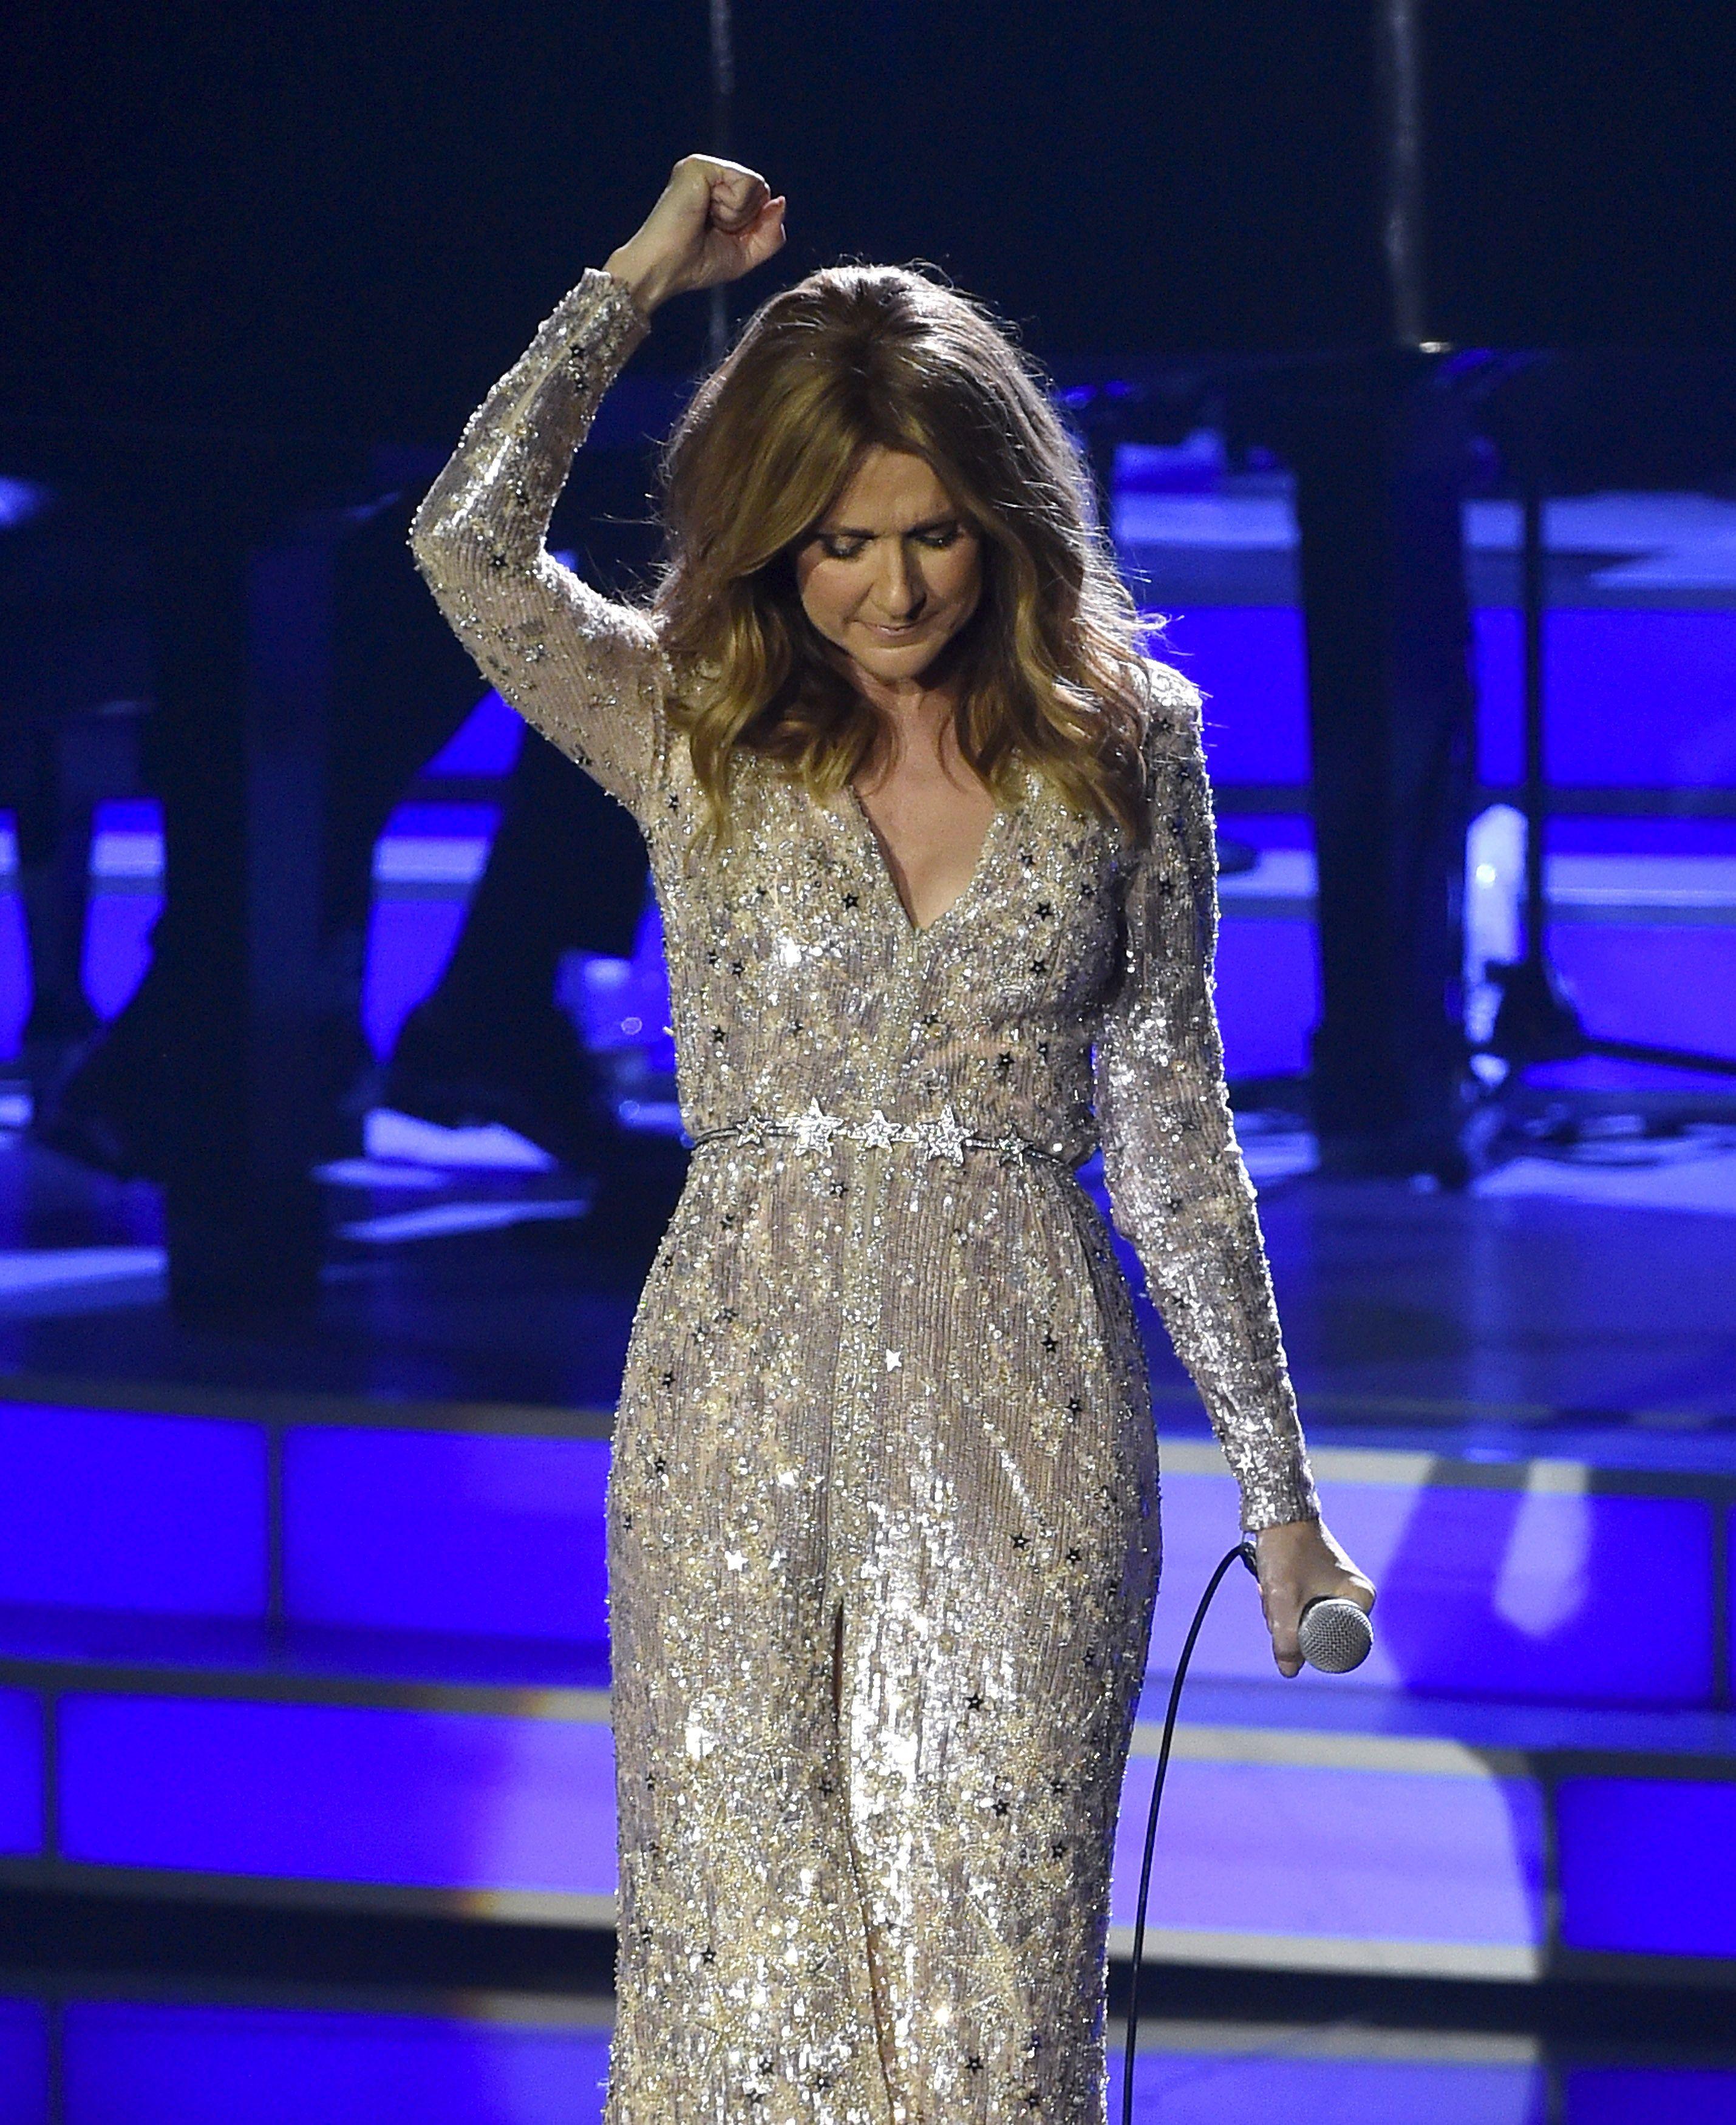 Céline Dion crée l'événement aux Vieilles Charrues : 55.000 billets écoulés en moins de 9 minutes